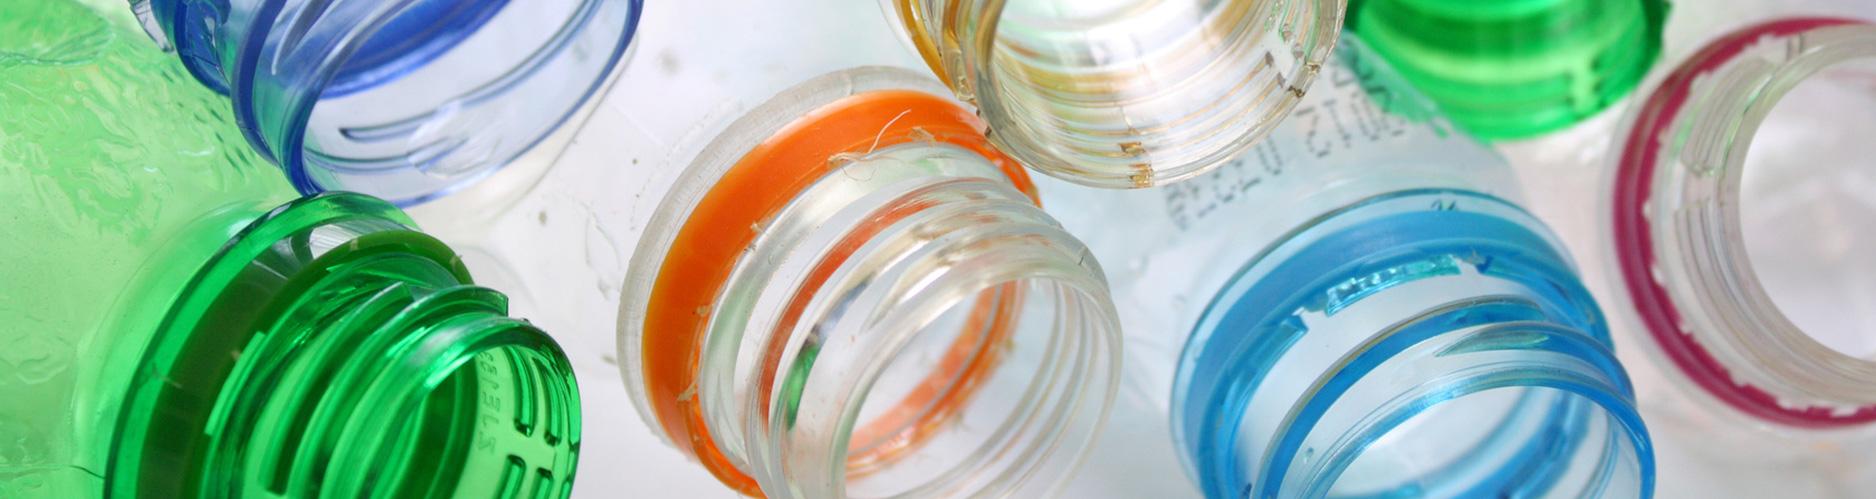 rua papel gestión integral de residuos botellas plastico slide escritorio